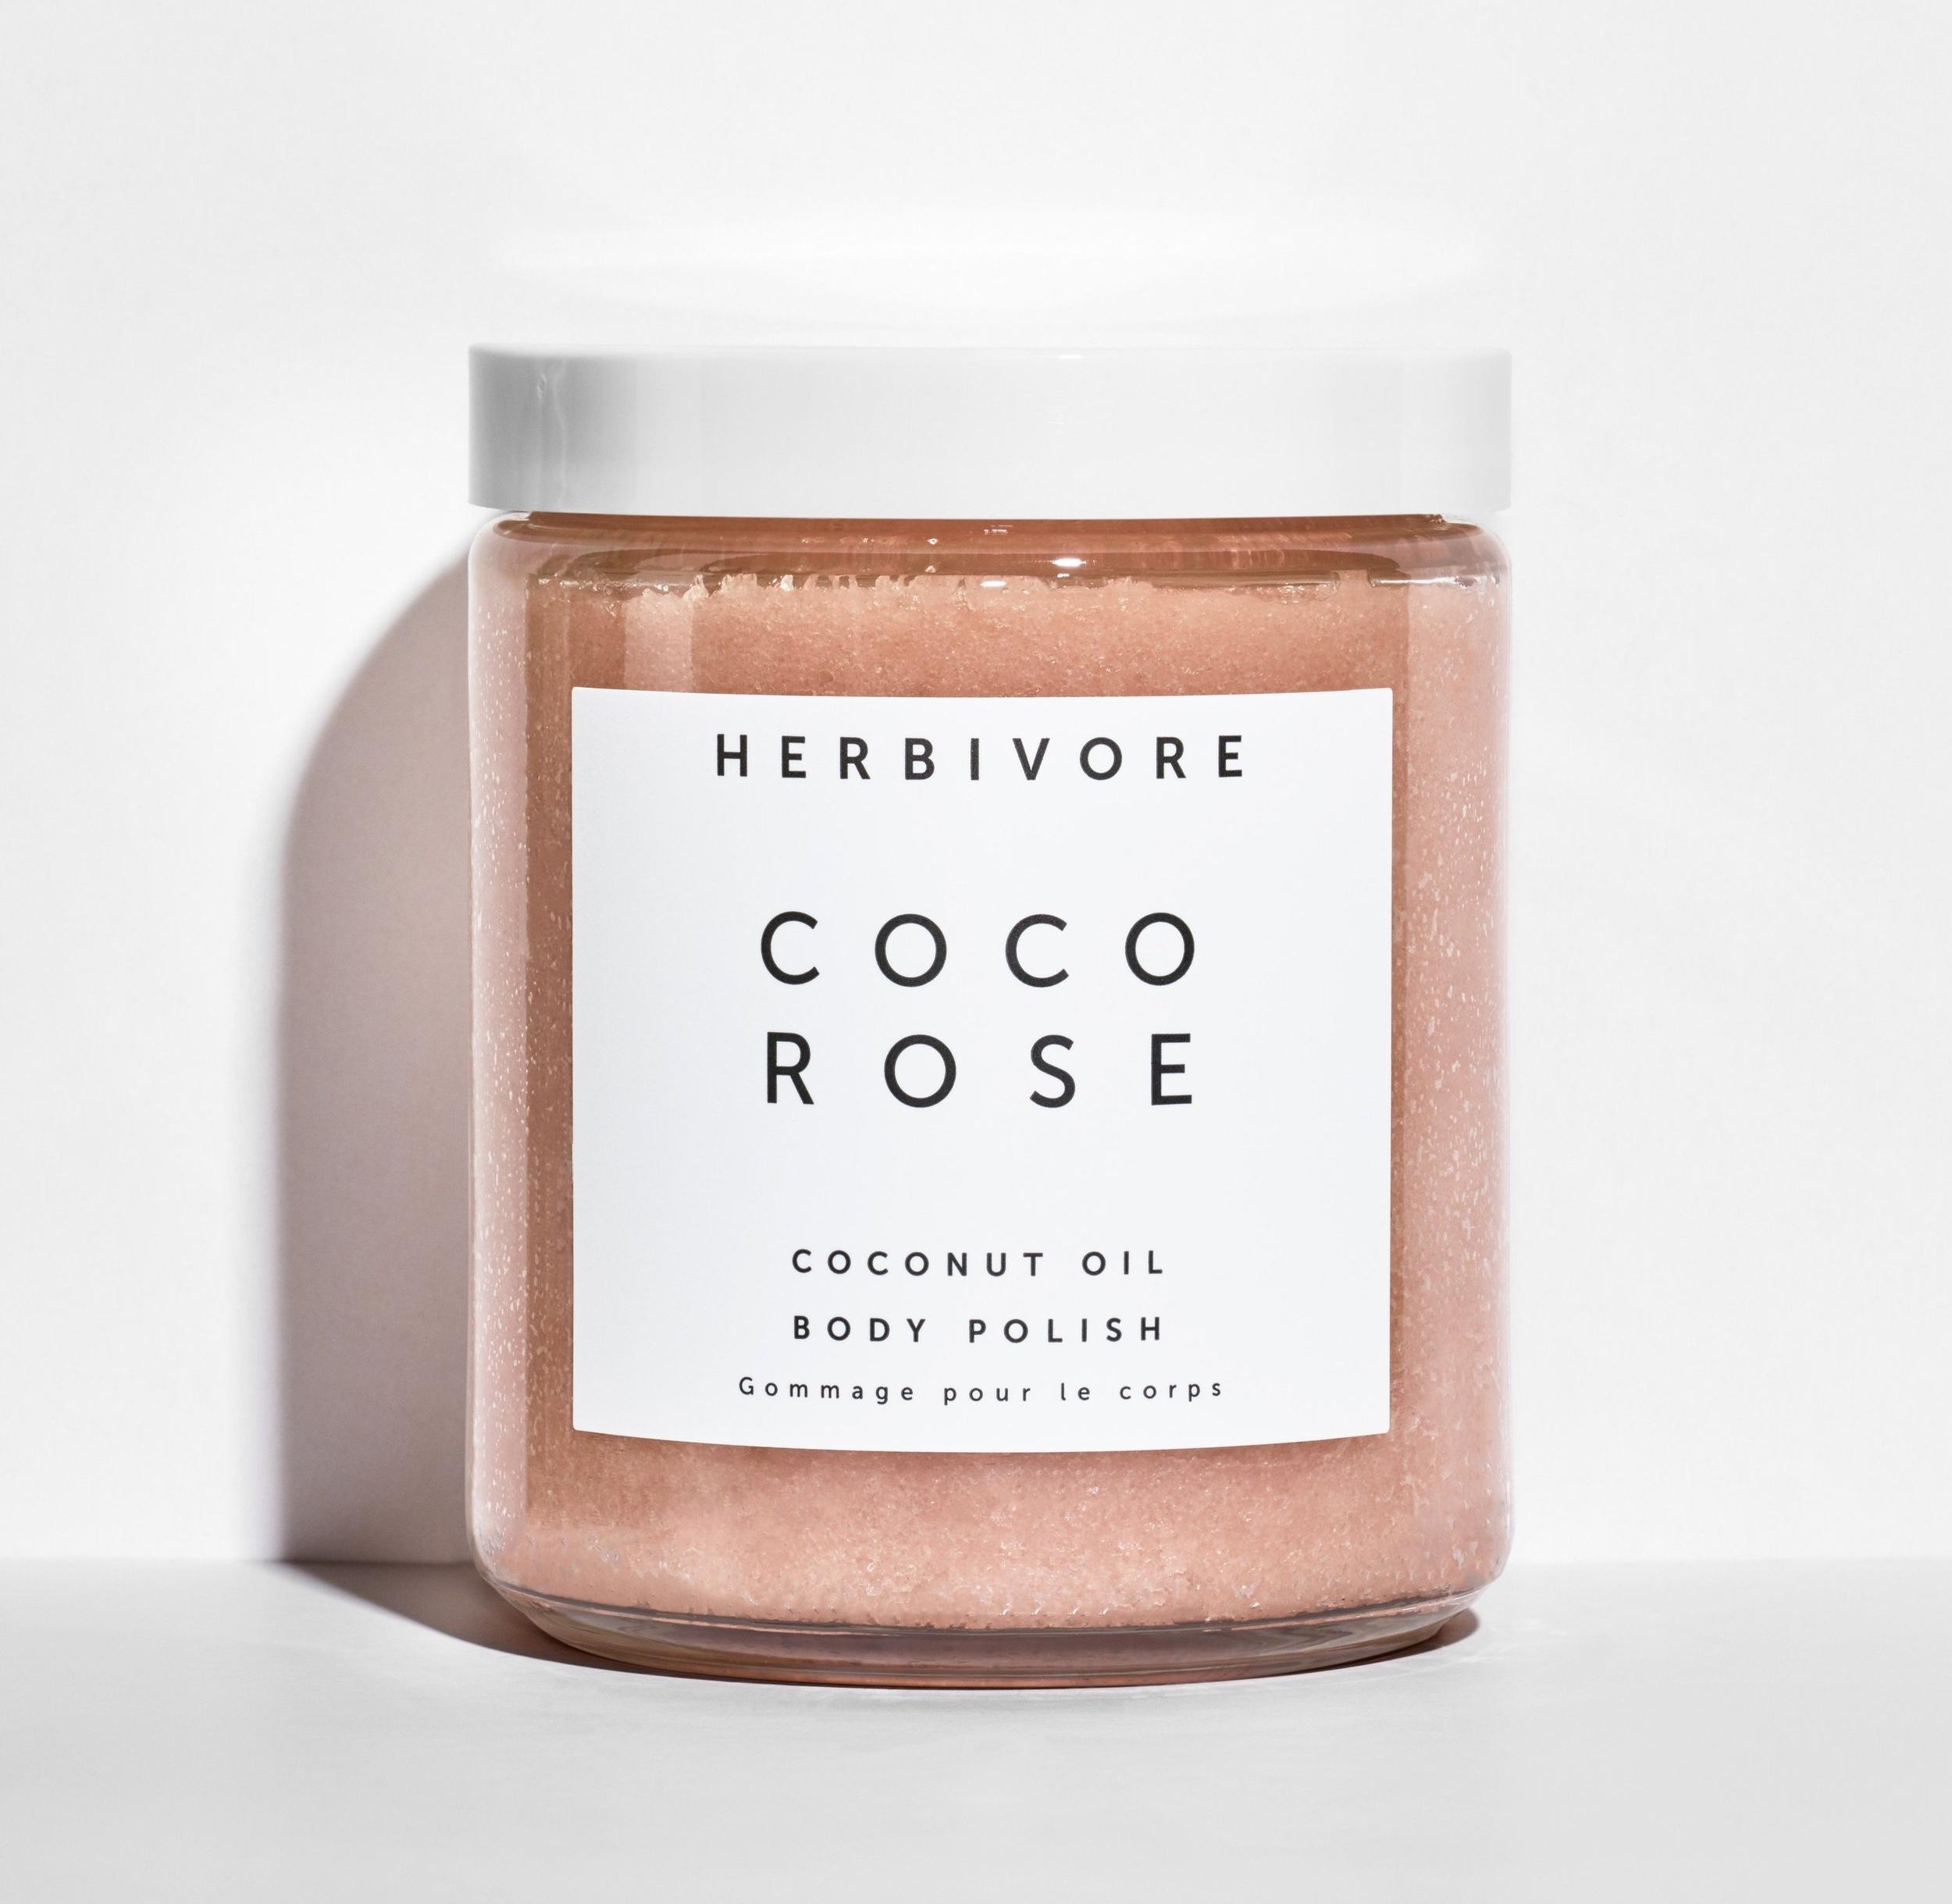 Herbivore Coco Rose.jpg